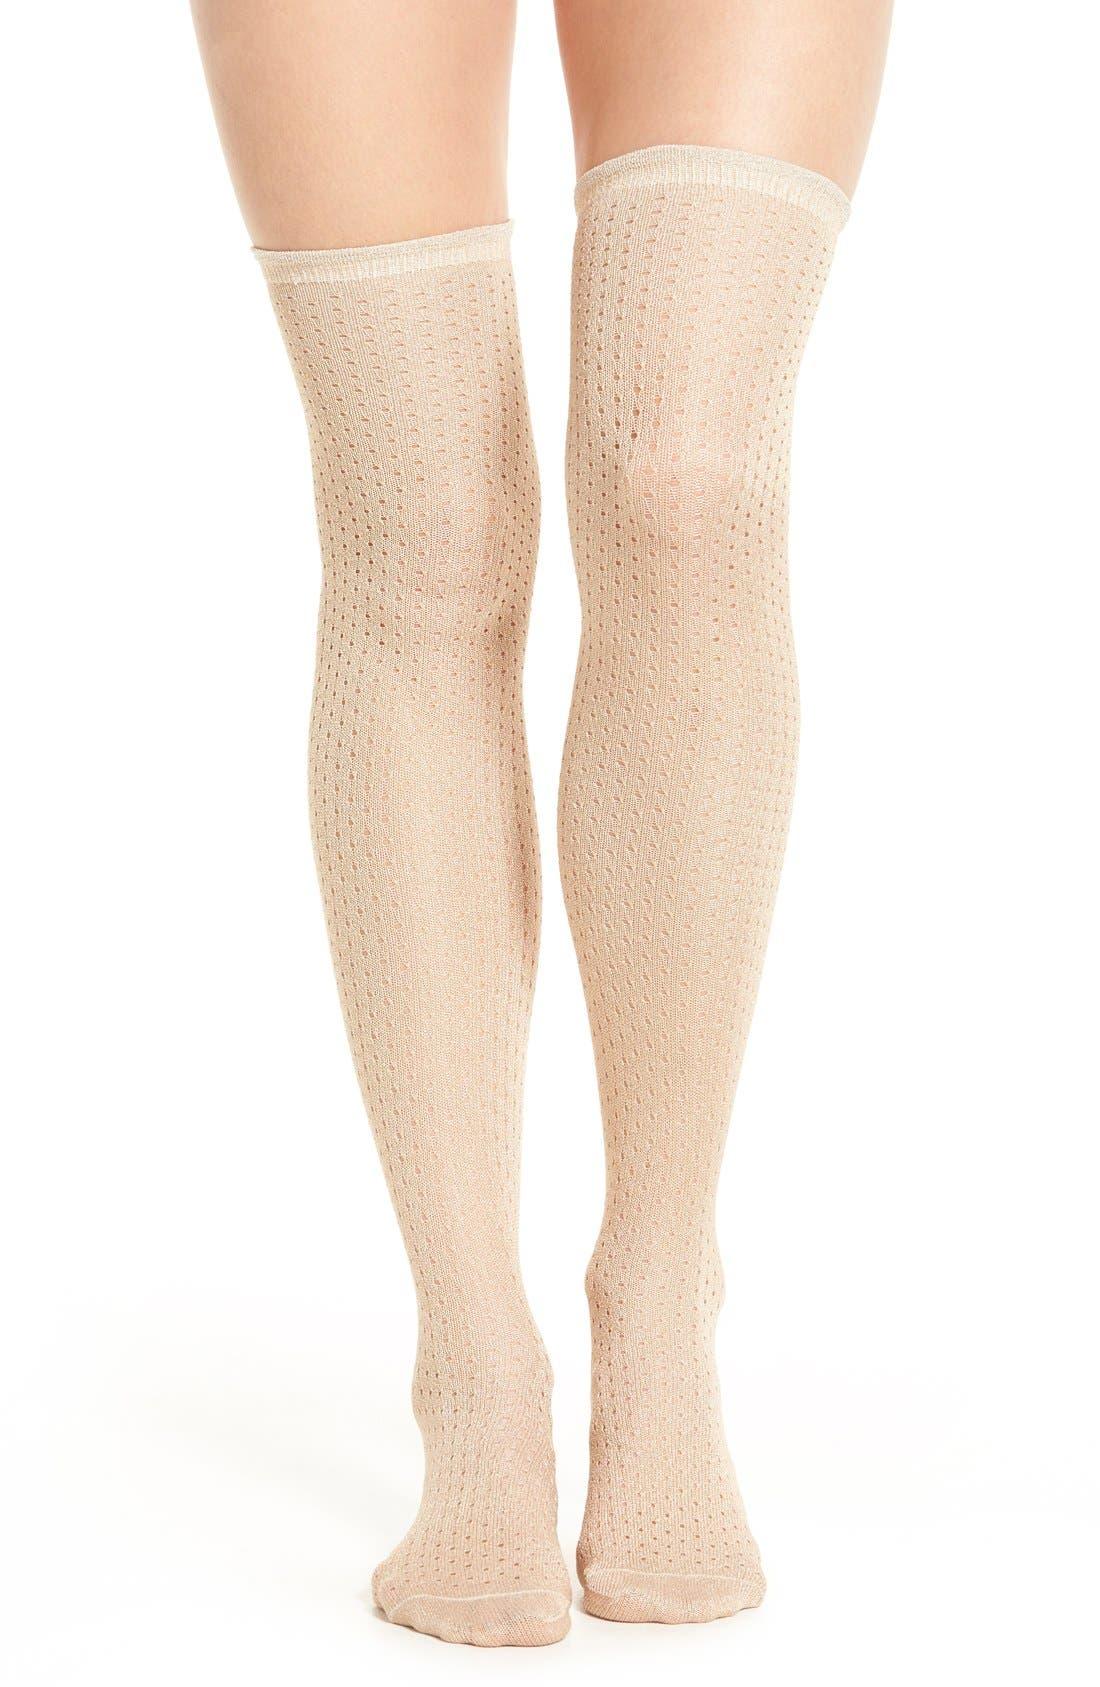 Alternate Image 1 Selected - Free People 'Crosstown' Over the Knee Socks